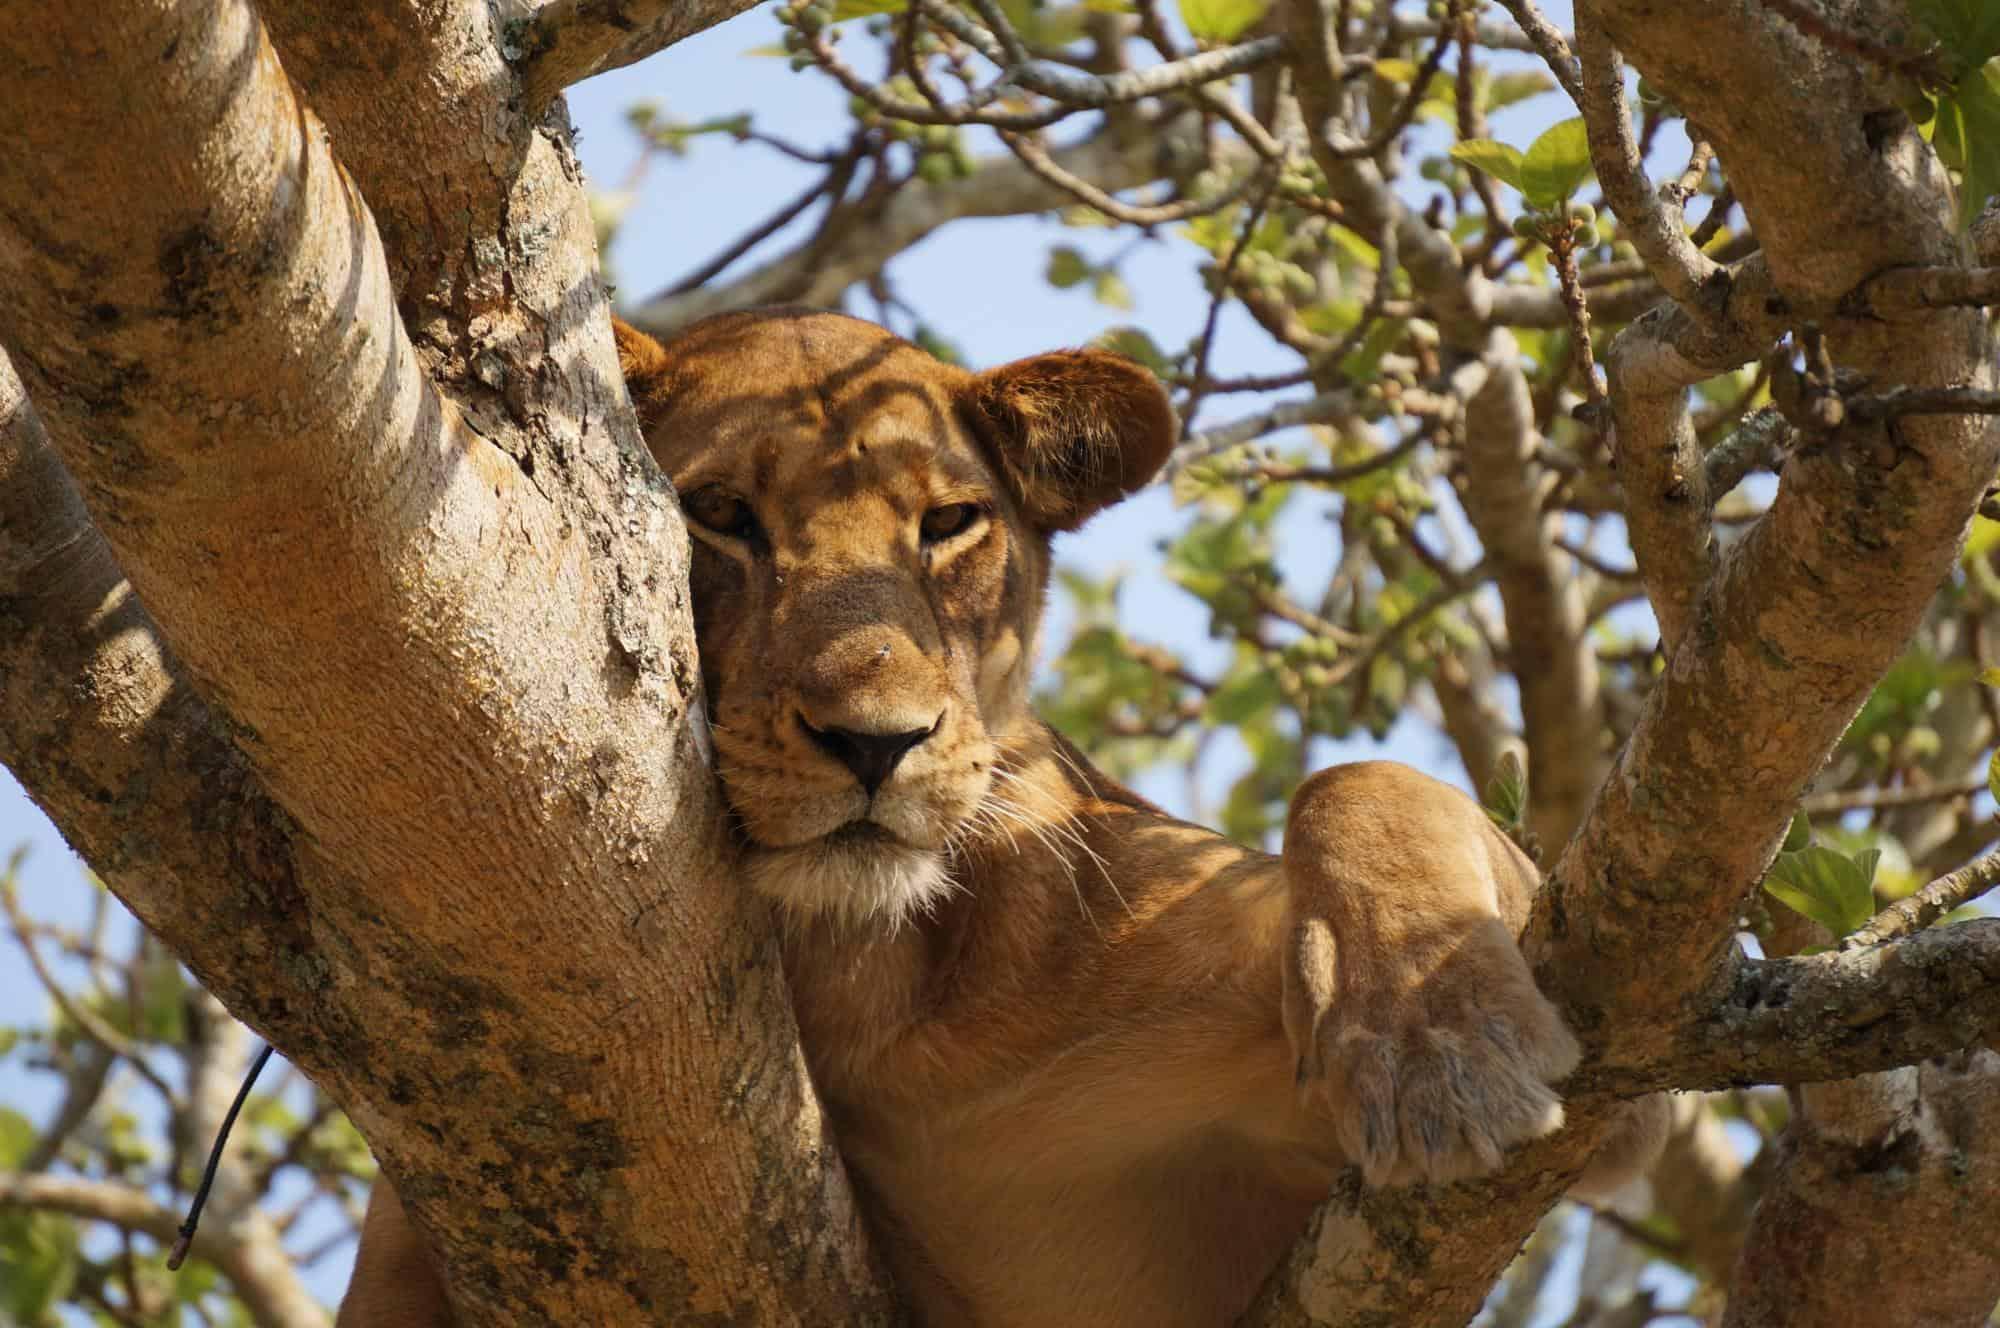 lioness lying on gray tree during daytime by Maarten van den Heuvel